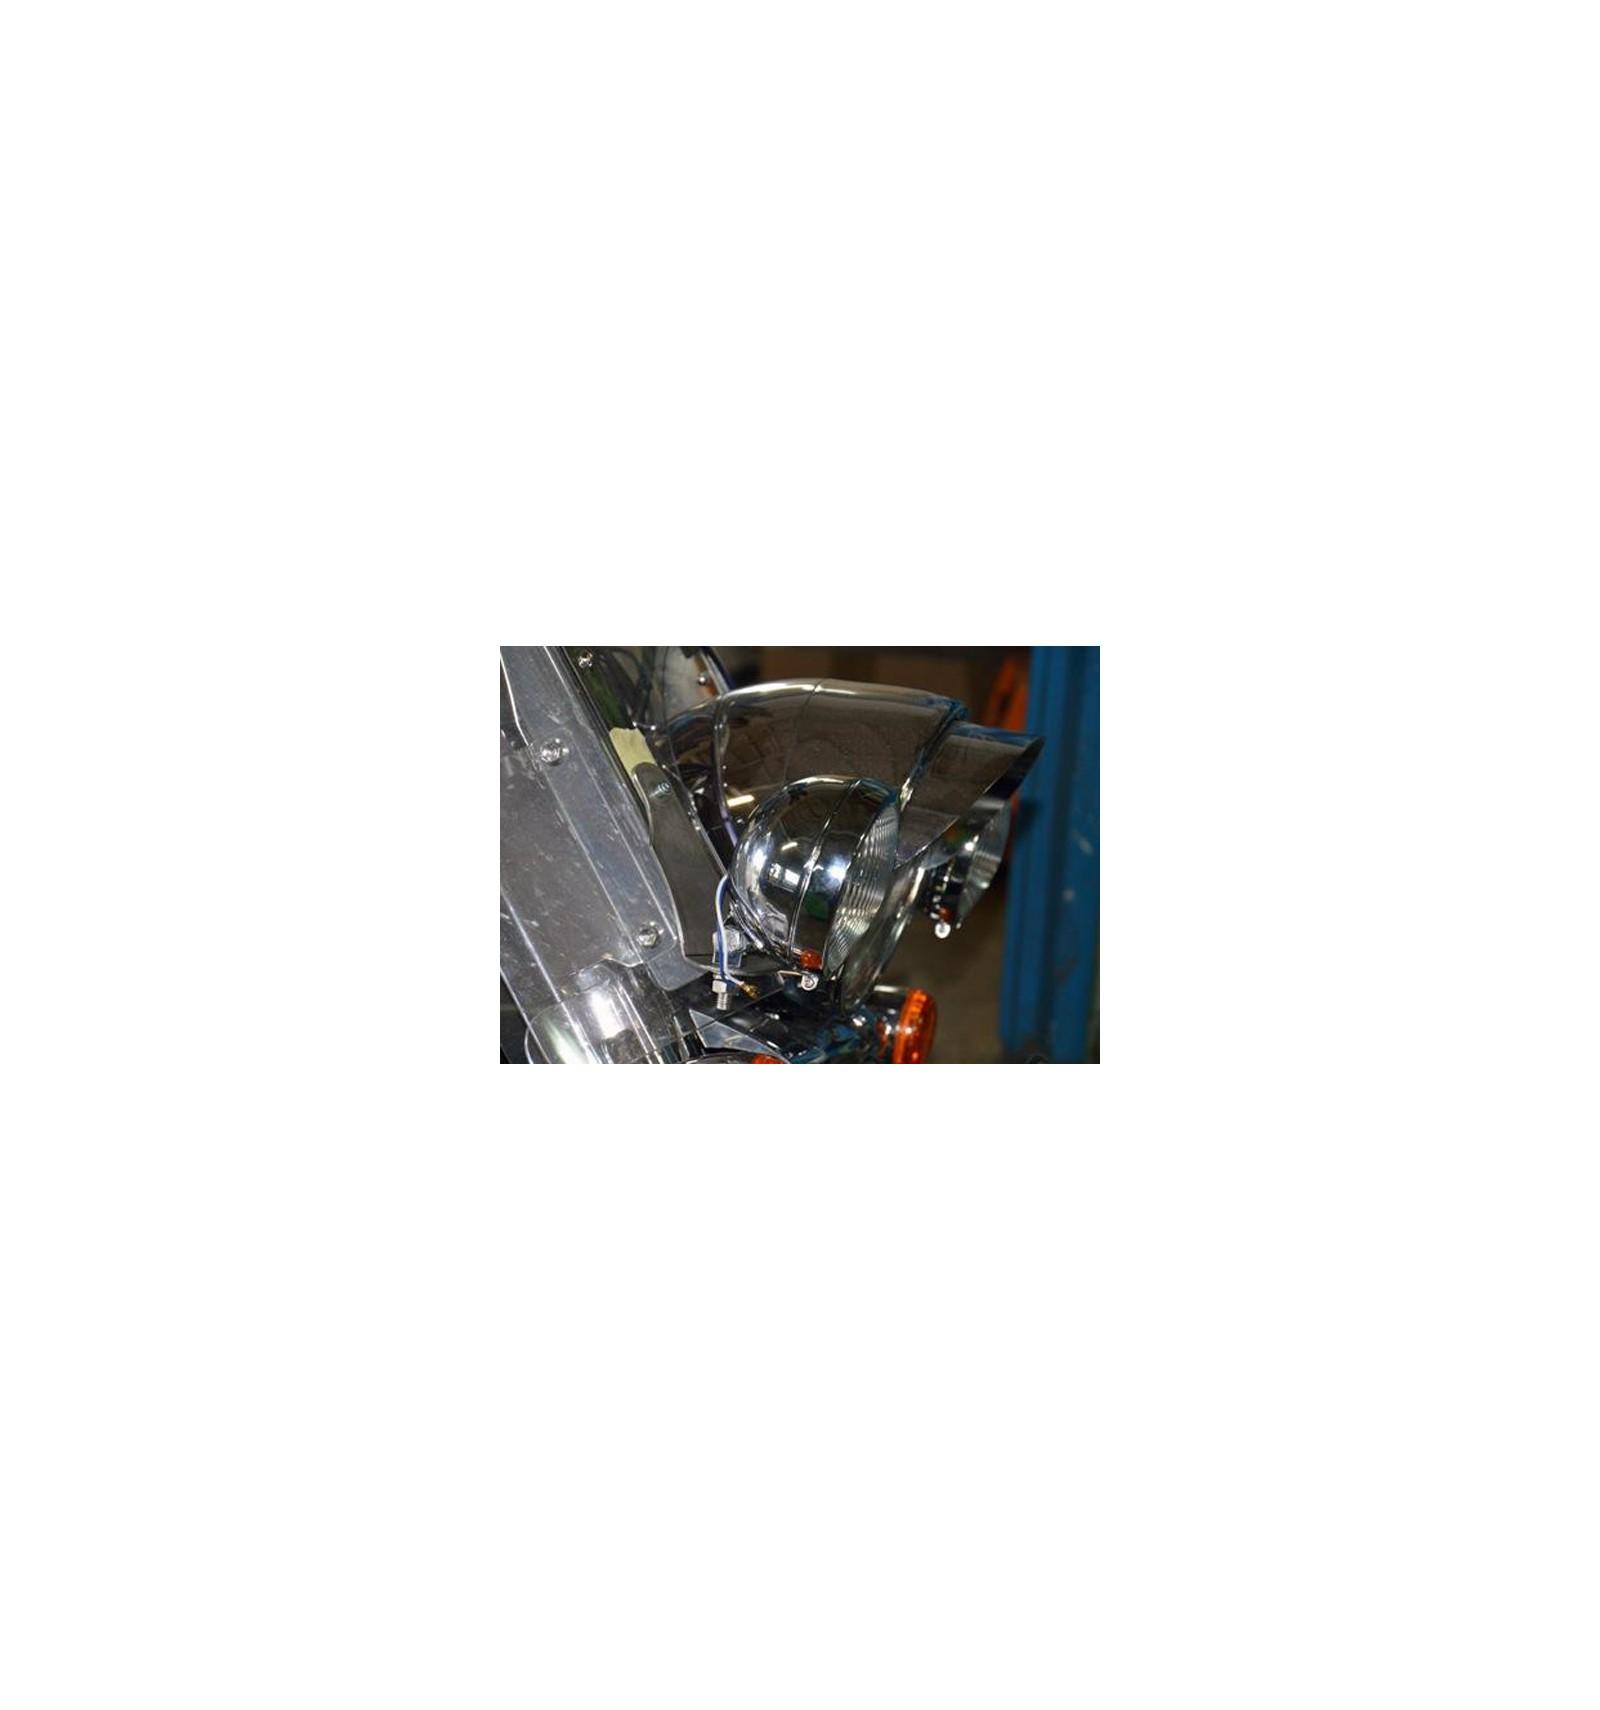 Suzuki C1800 Intruder Chrome Light Bar Bracket Pair Cruisers Kuryakyn 2202 Universal Driving Wiring Relay Kit